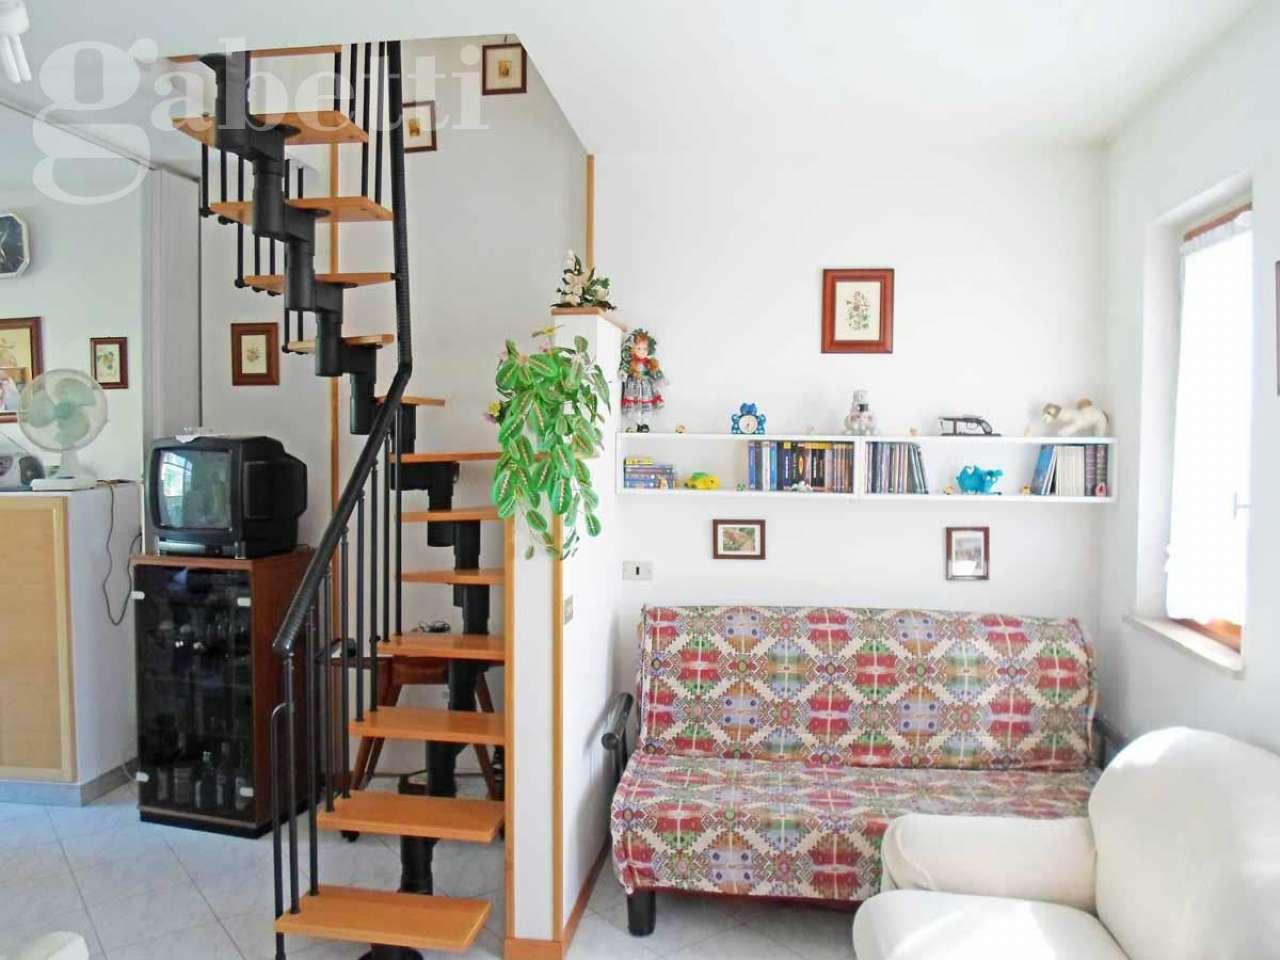 Appartamento in vendita a Montemarciano, 3 locali, prezzo € 100.000 | CambioCasa.it